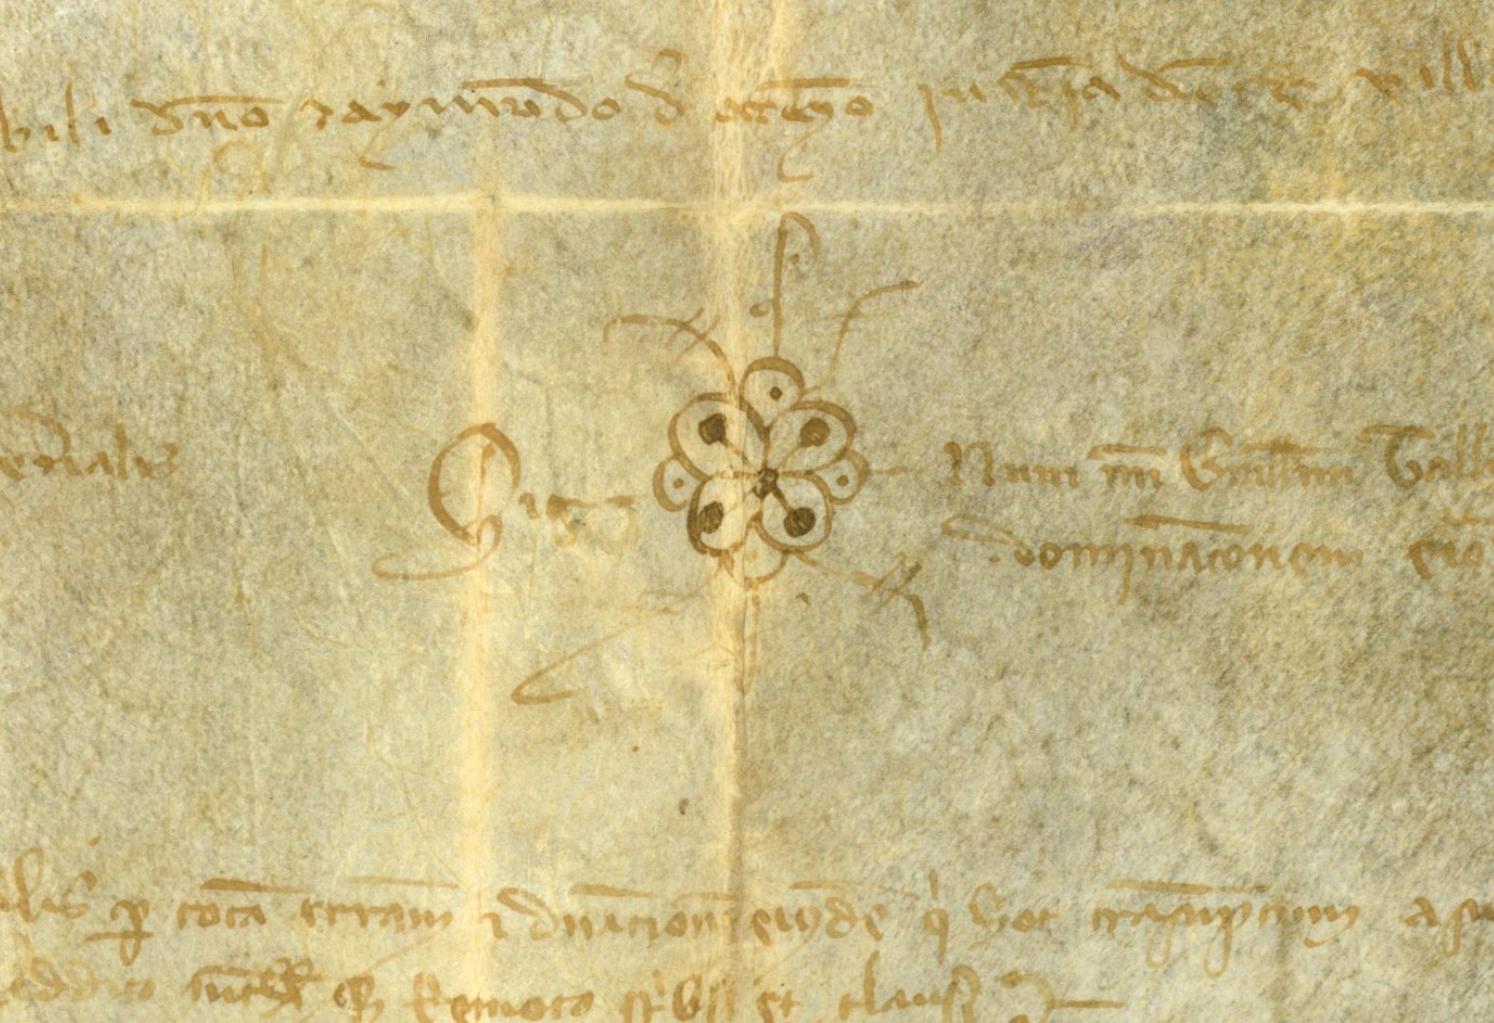 Privilegio concedido por el papa Alejandro IV a la orden del Temple, según el cual sus miembros no podían ser excomulgados (1256). Archivo Histórico Provincial de Huesca